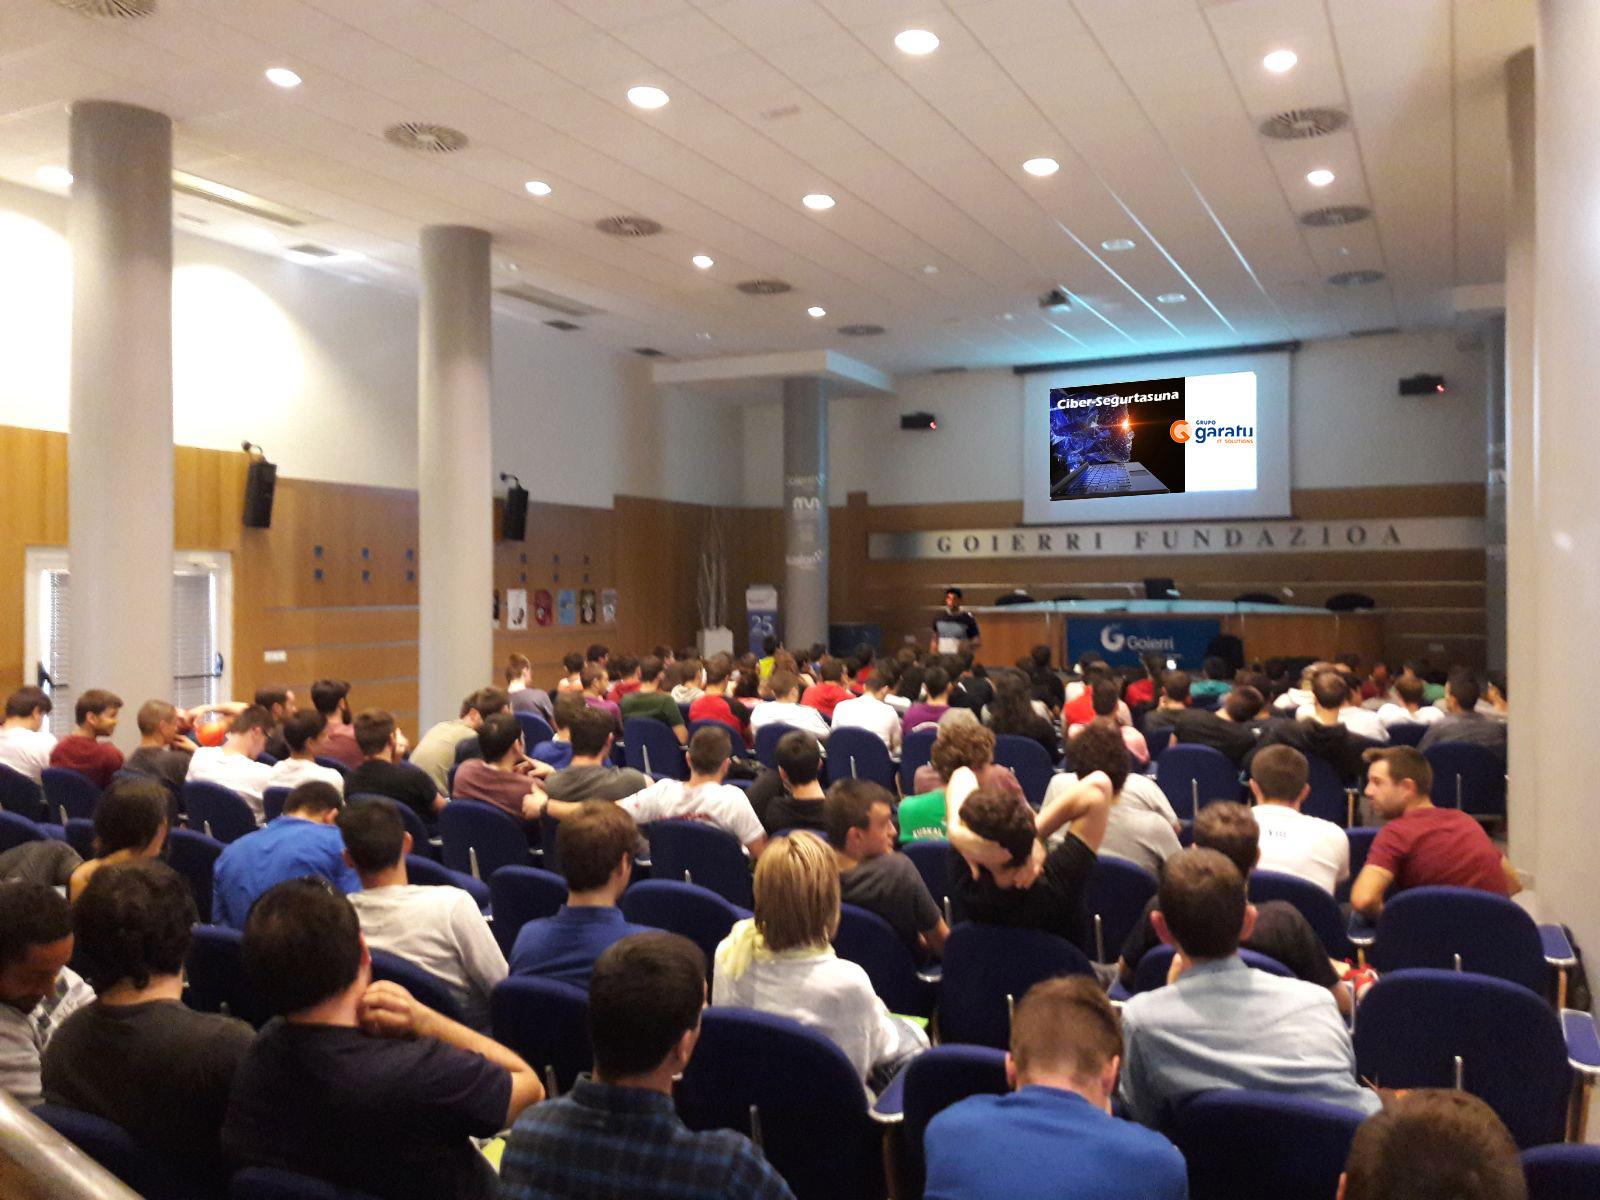 semana de seguridad Grupo Garatu da una conferencia sobre ciberseguridad